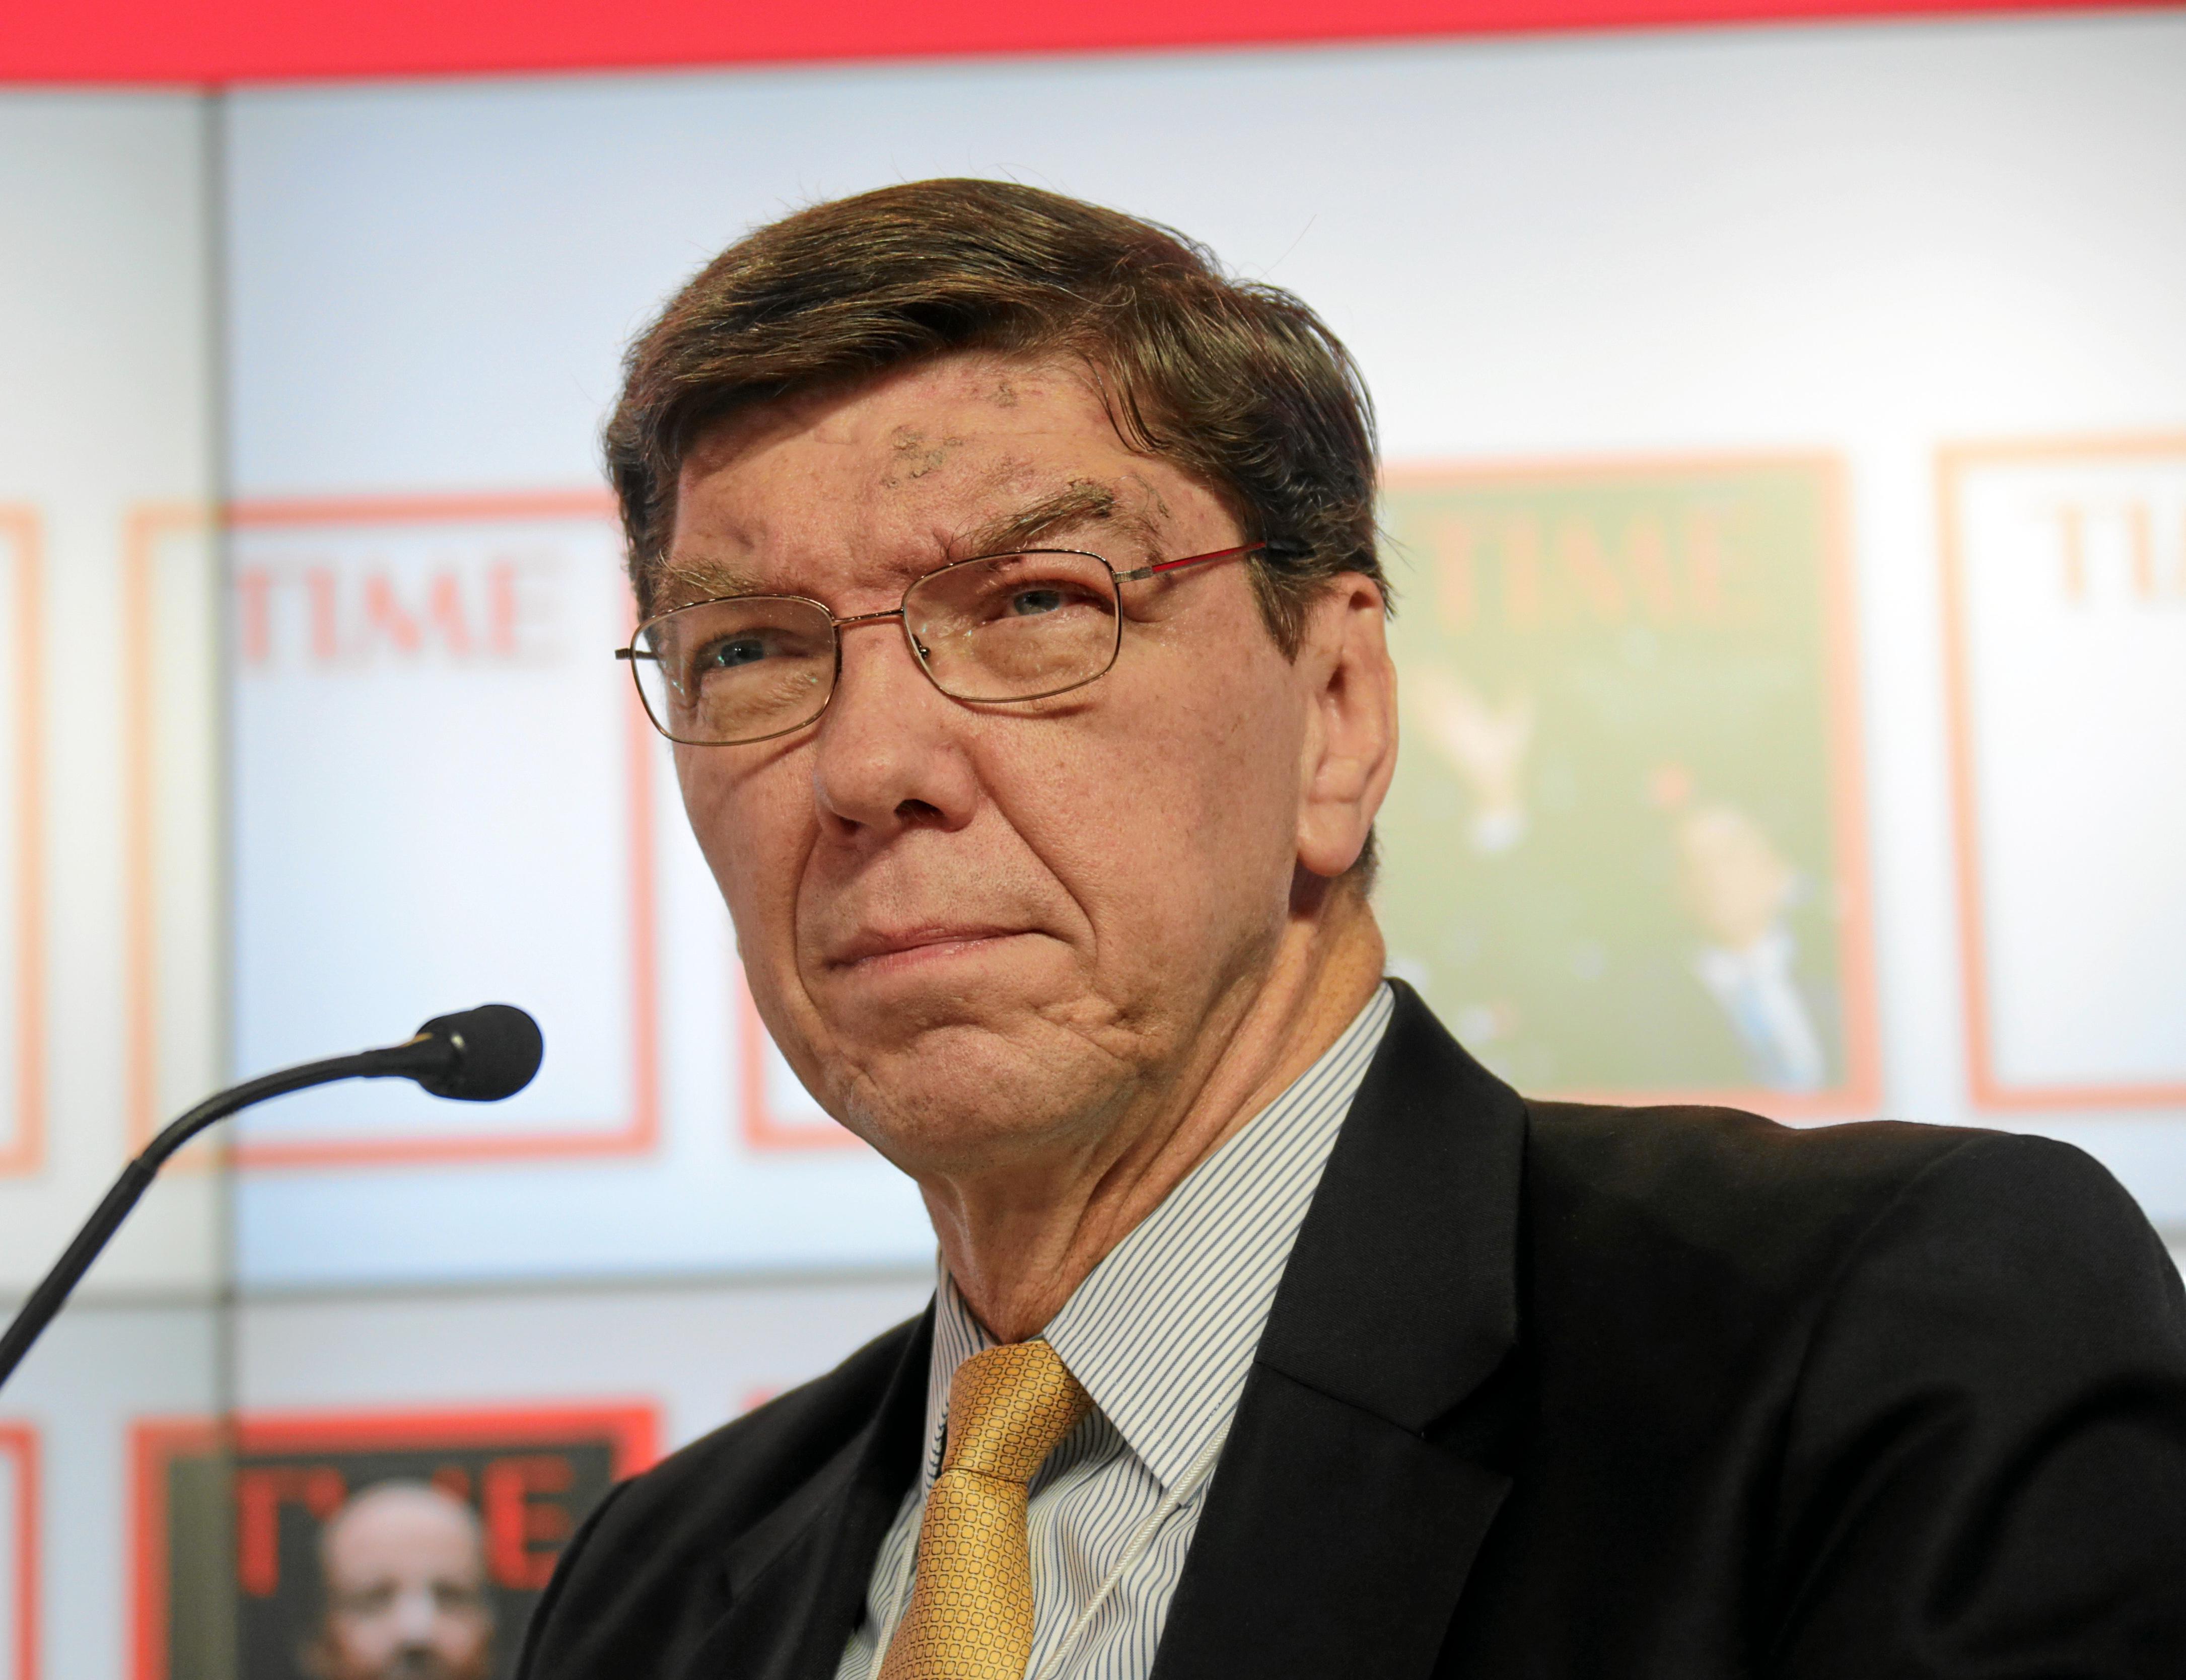 Clayton Christensen World Economic Forum 2013.jpg